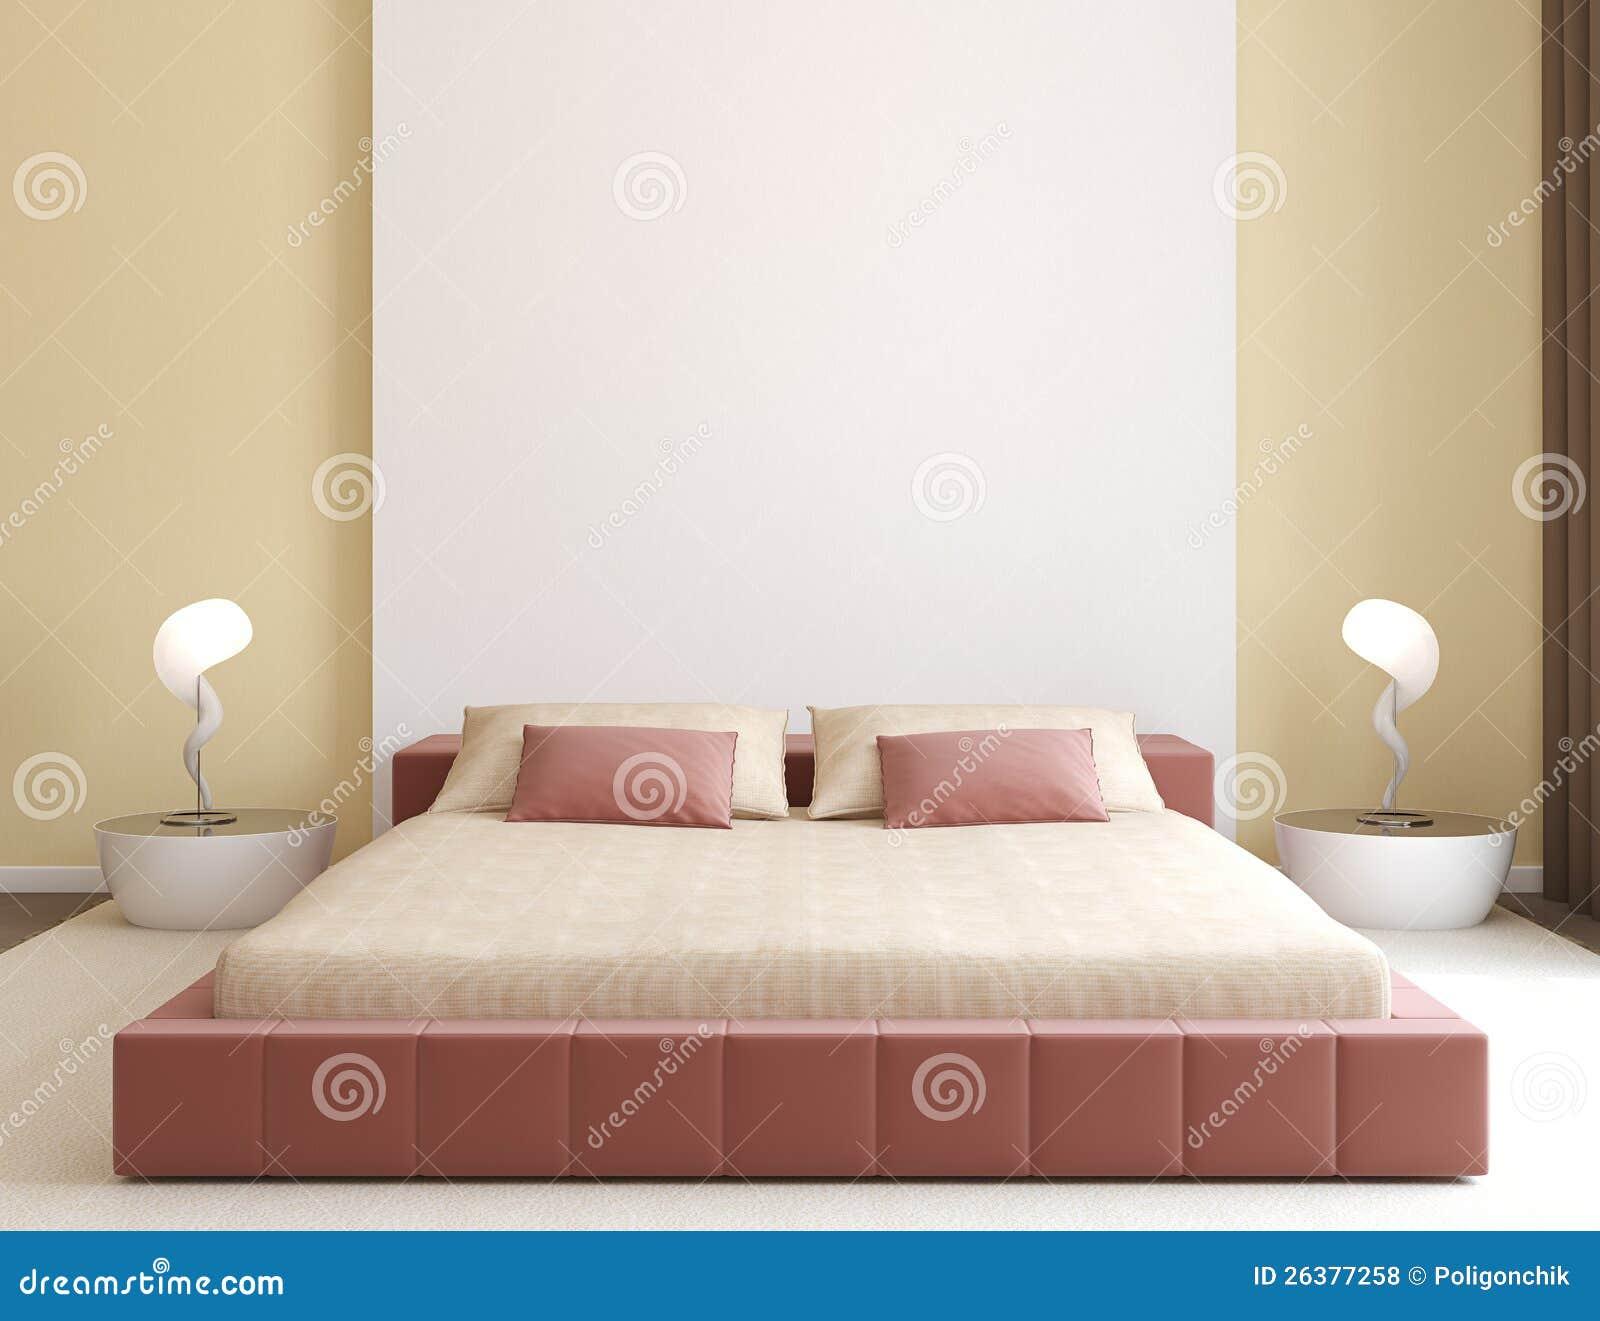 Interiore moderno della camera da letto.